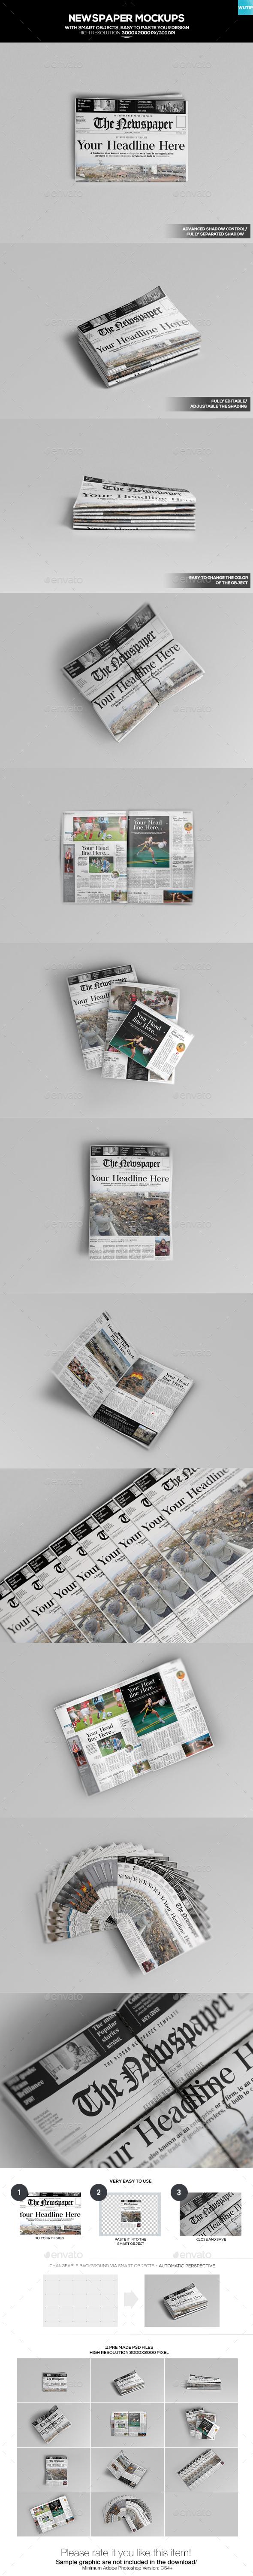 GraphicRiver Newspaper Mockups 01 20498831